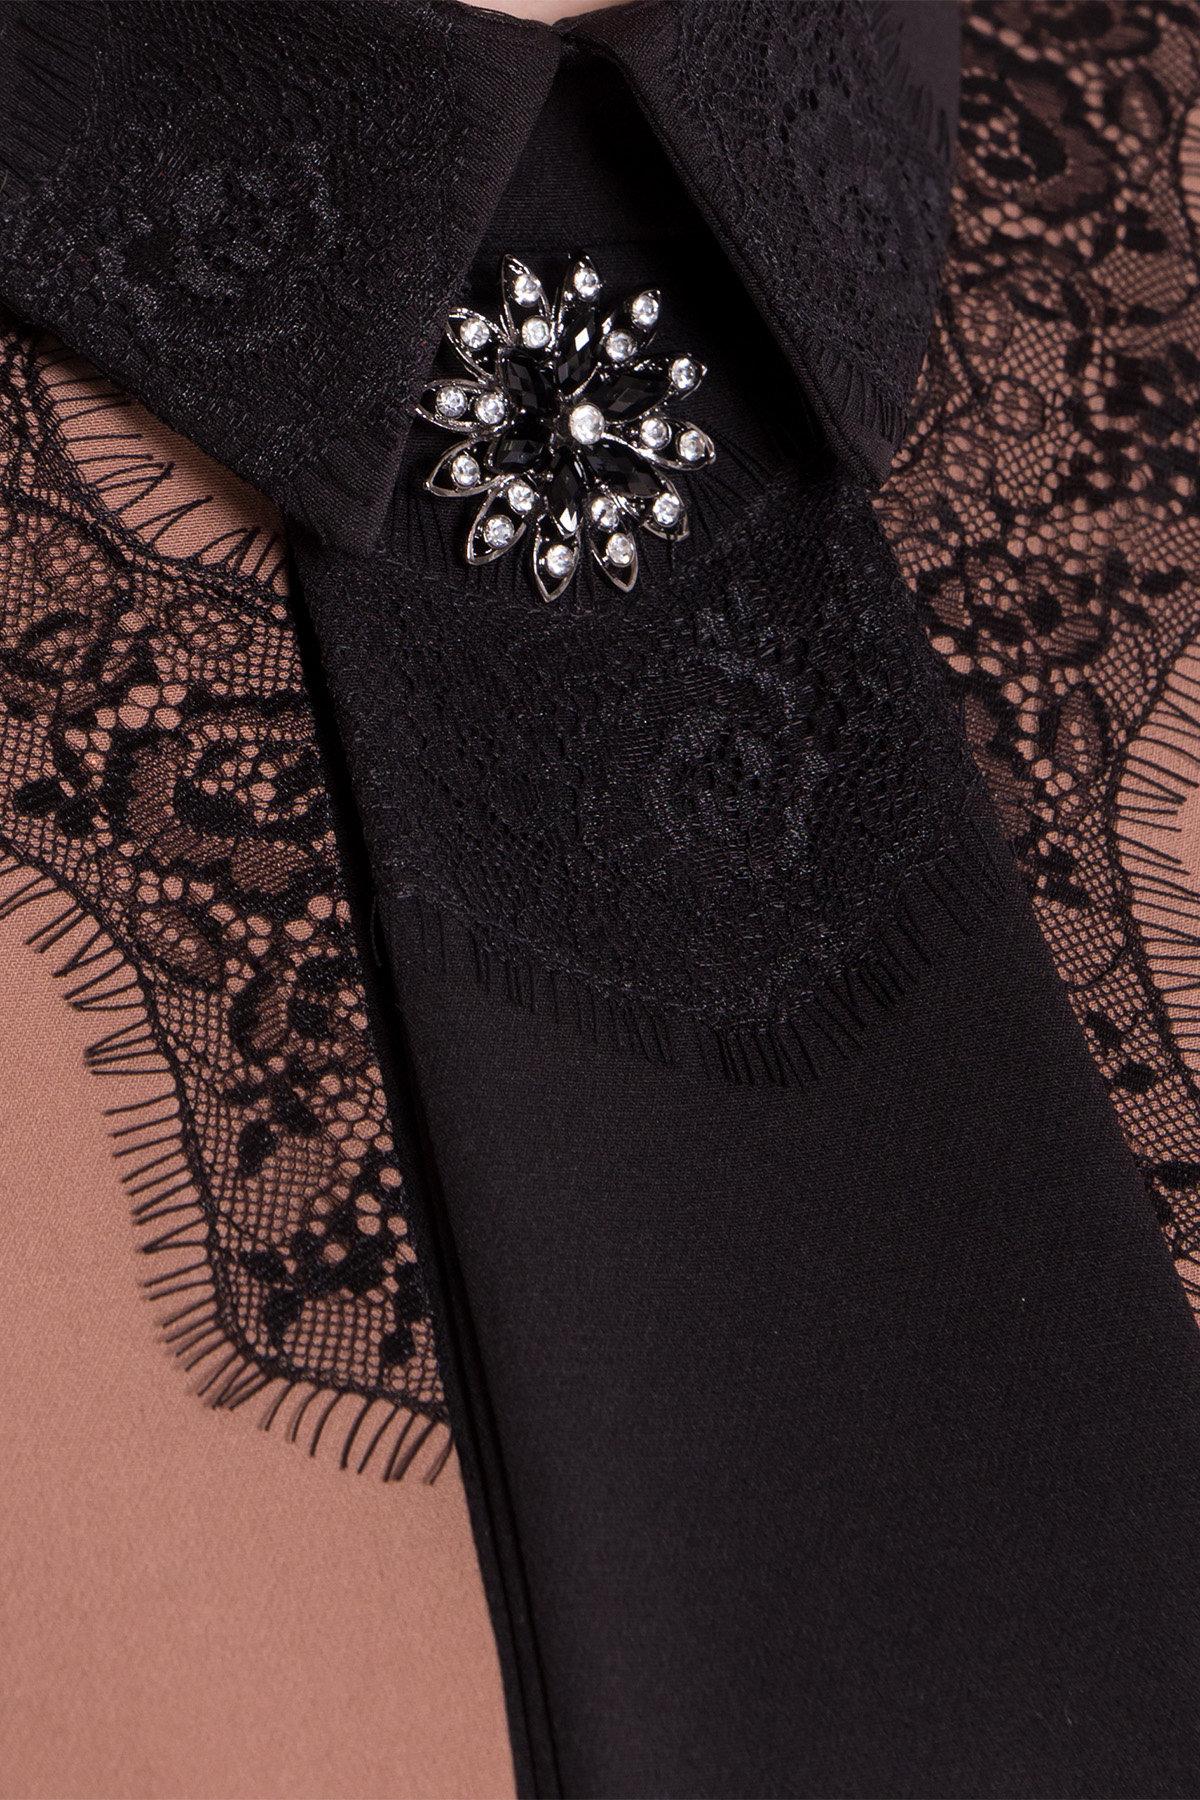 Платье-трапеция Вивьен 8512 АРТ. 44800 Цвет: Бежевый Т/черный - фото 4, интернет магазин tm-modus.ru